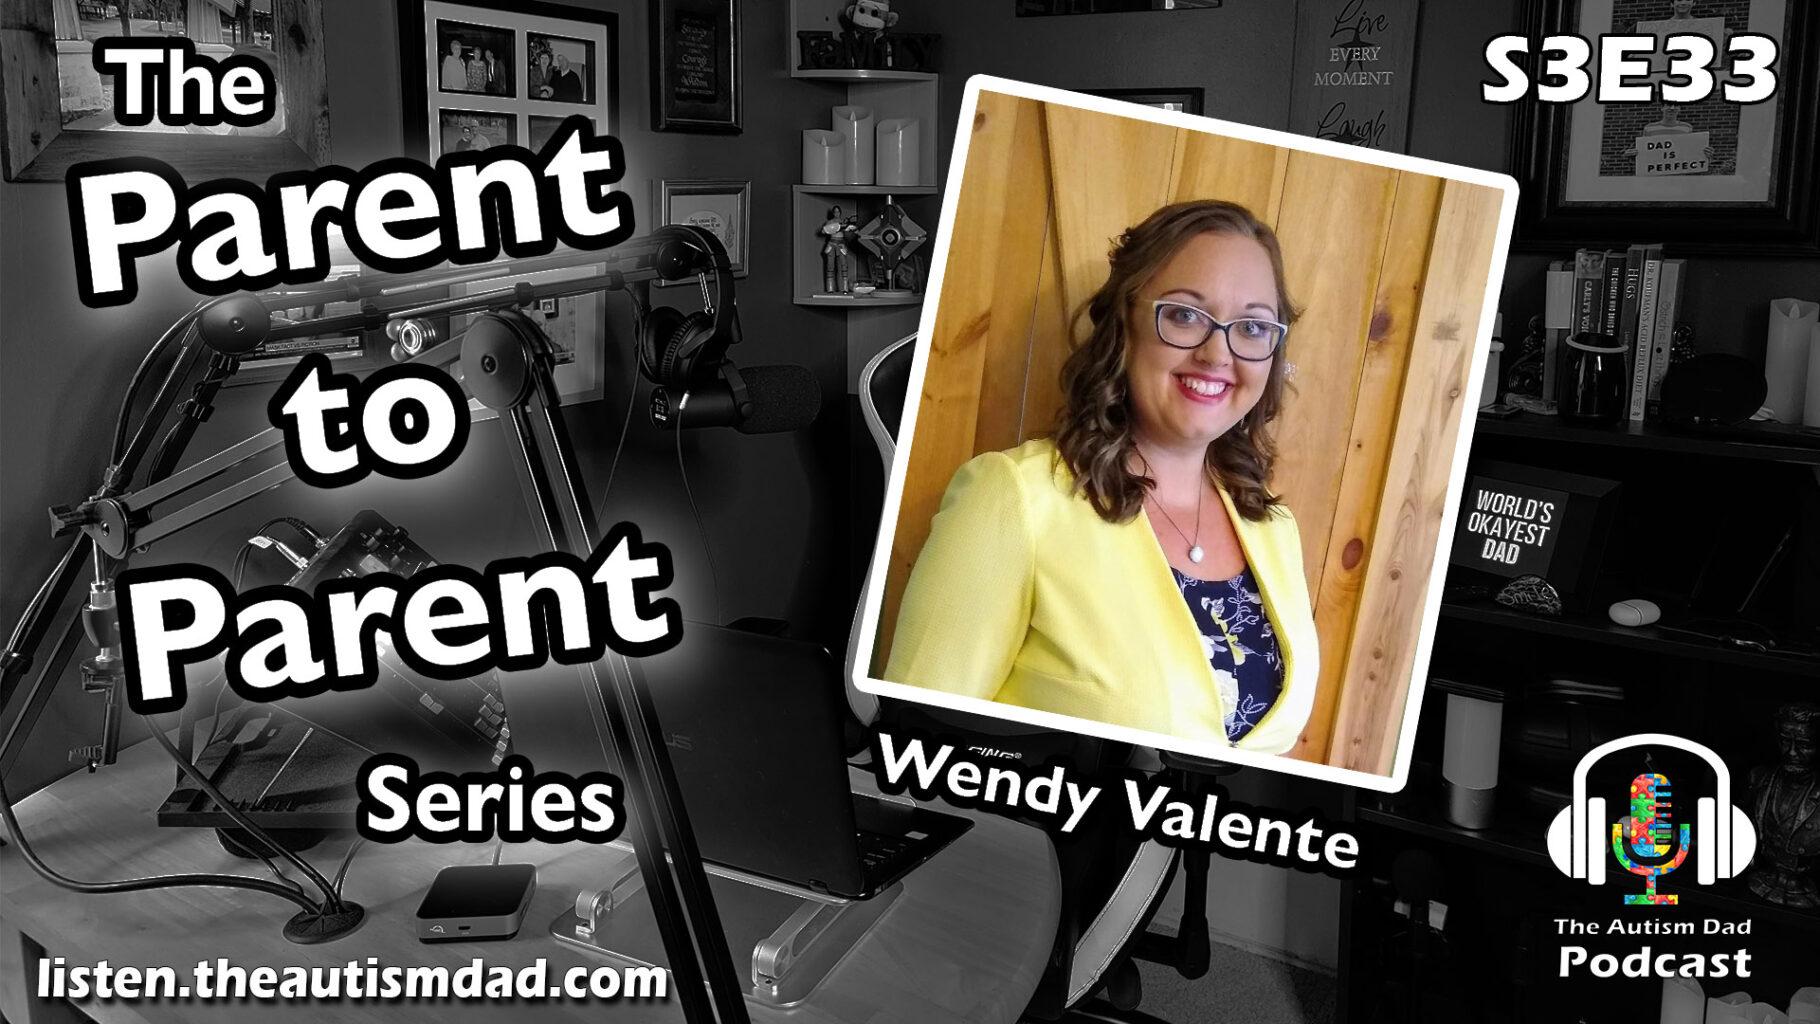 Wendy Valente